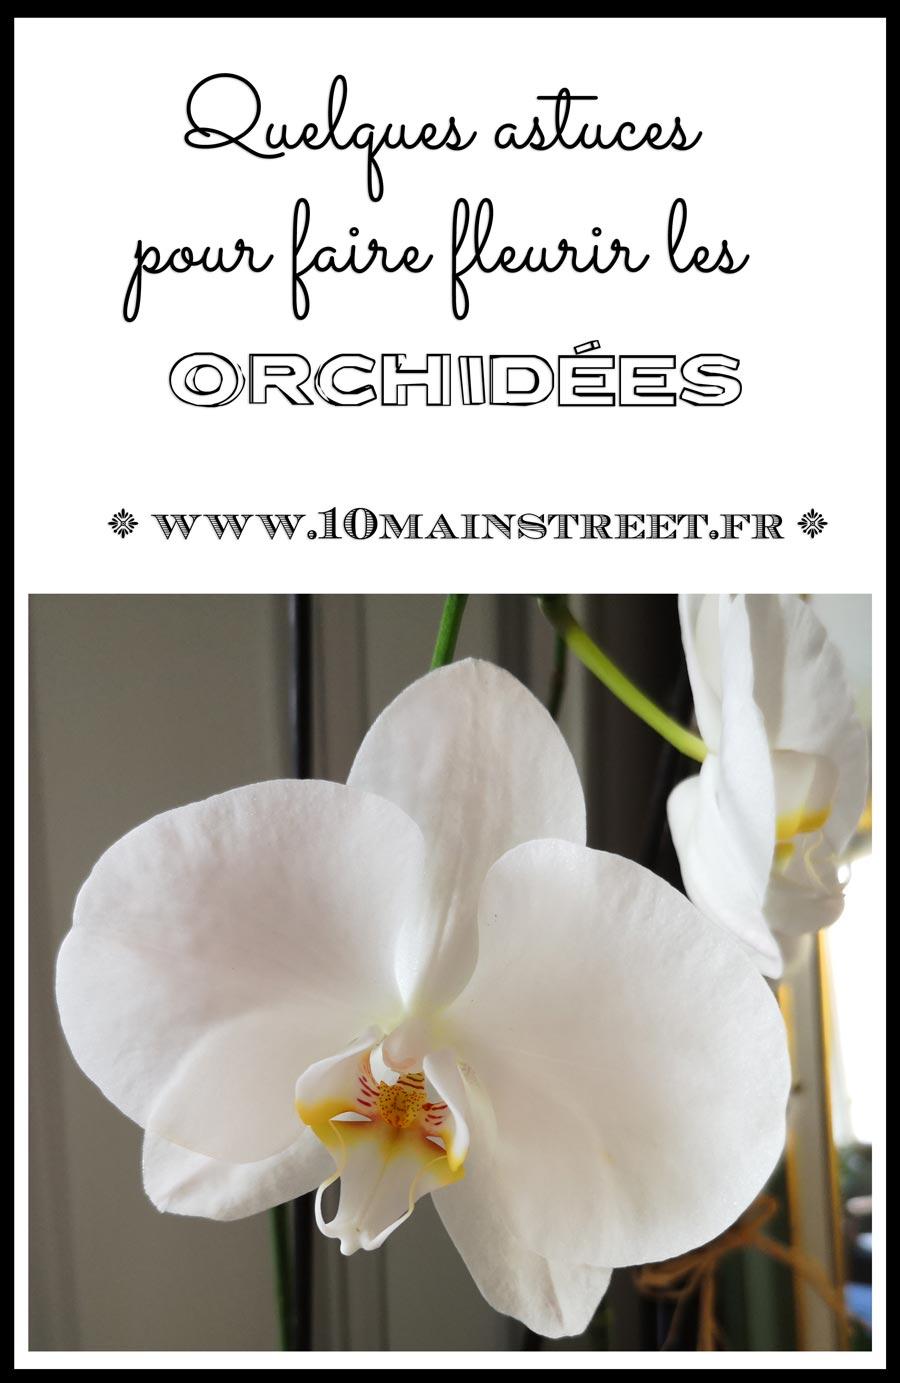 faire fleurir les orchid�es : quelques astuces - 10 main street